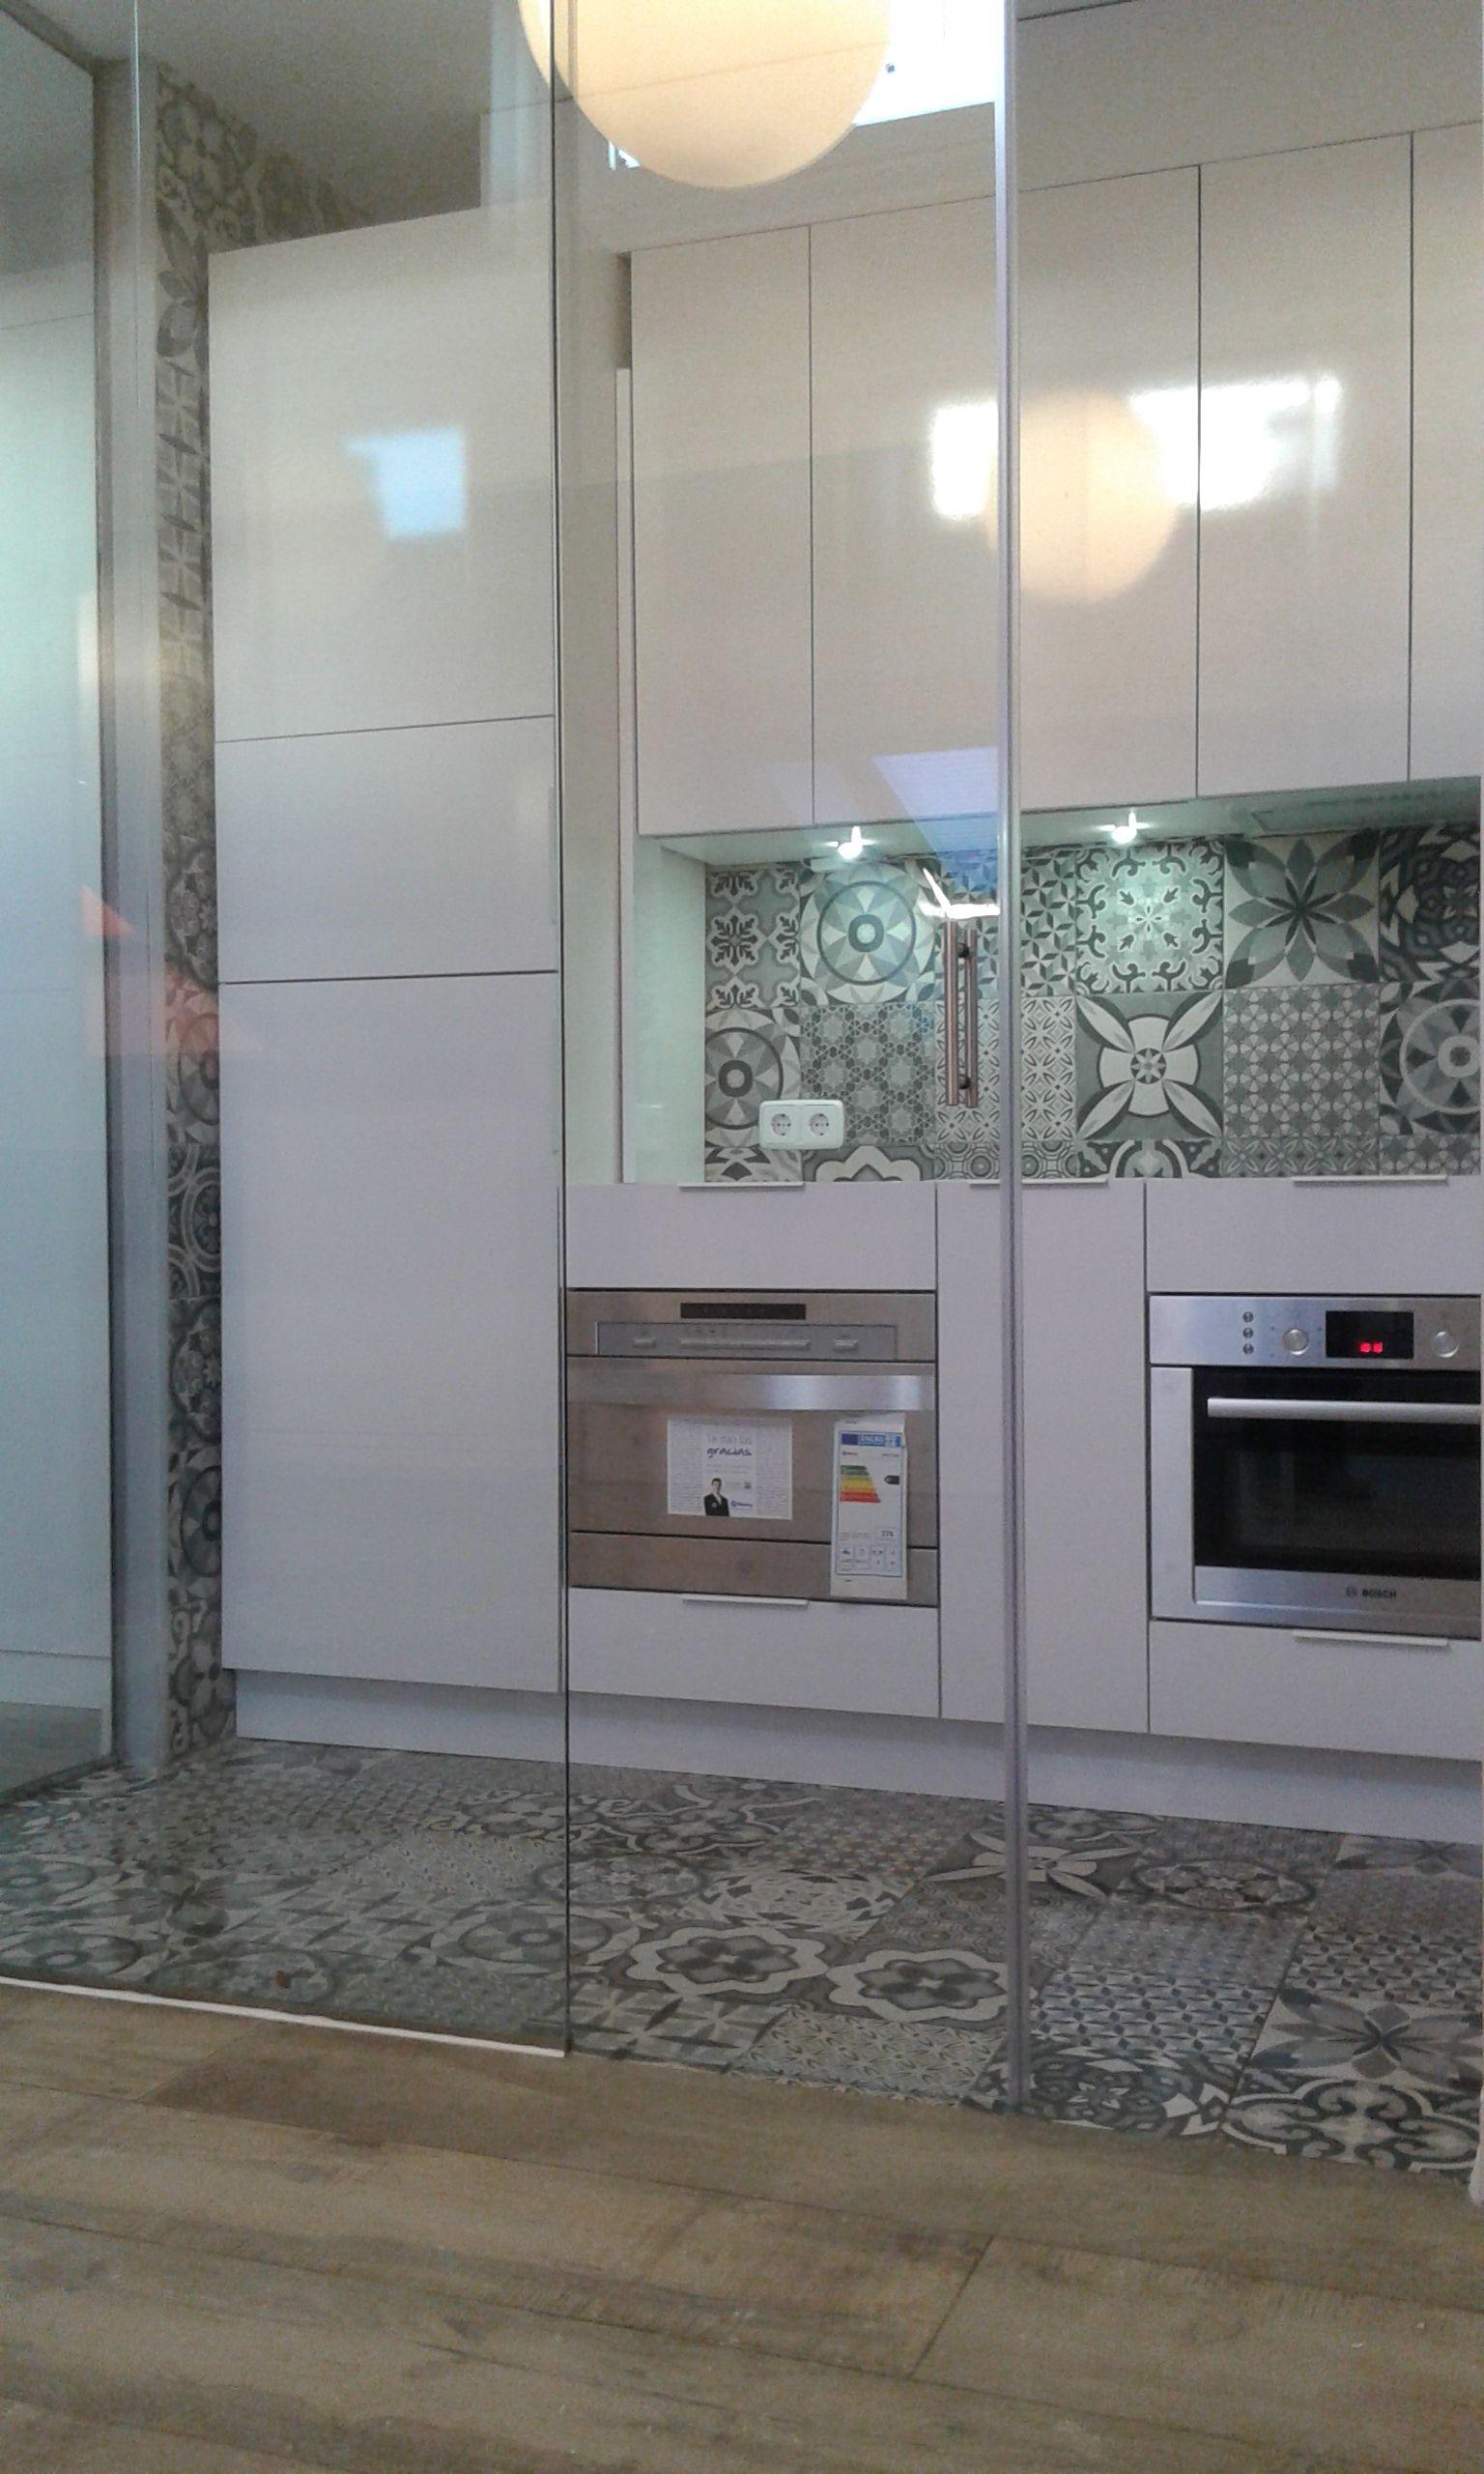 Acristalamiento de cocina con vidrio templado de seguridad - Vidrio templado cocina ...